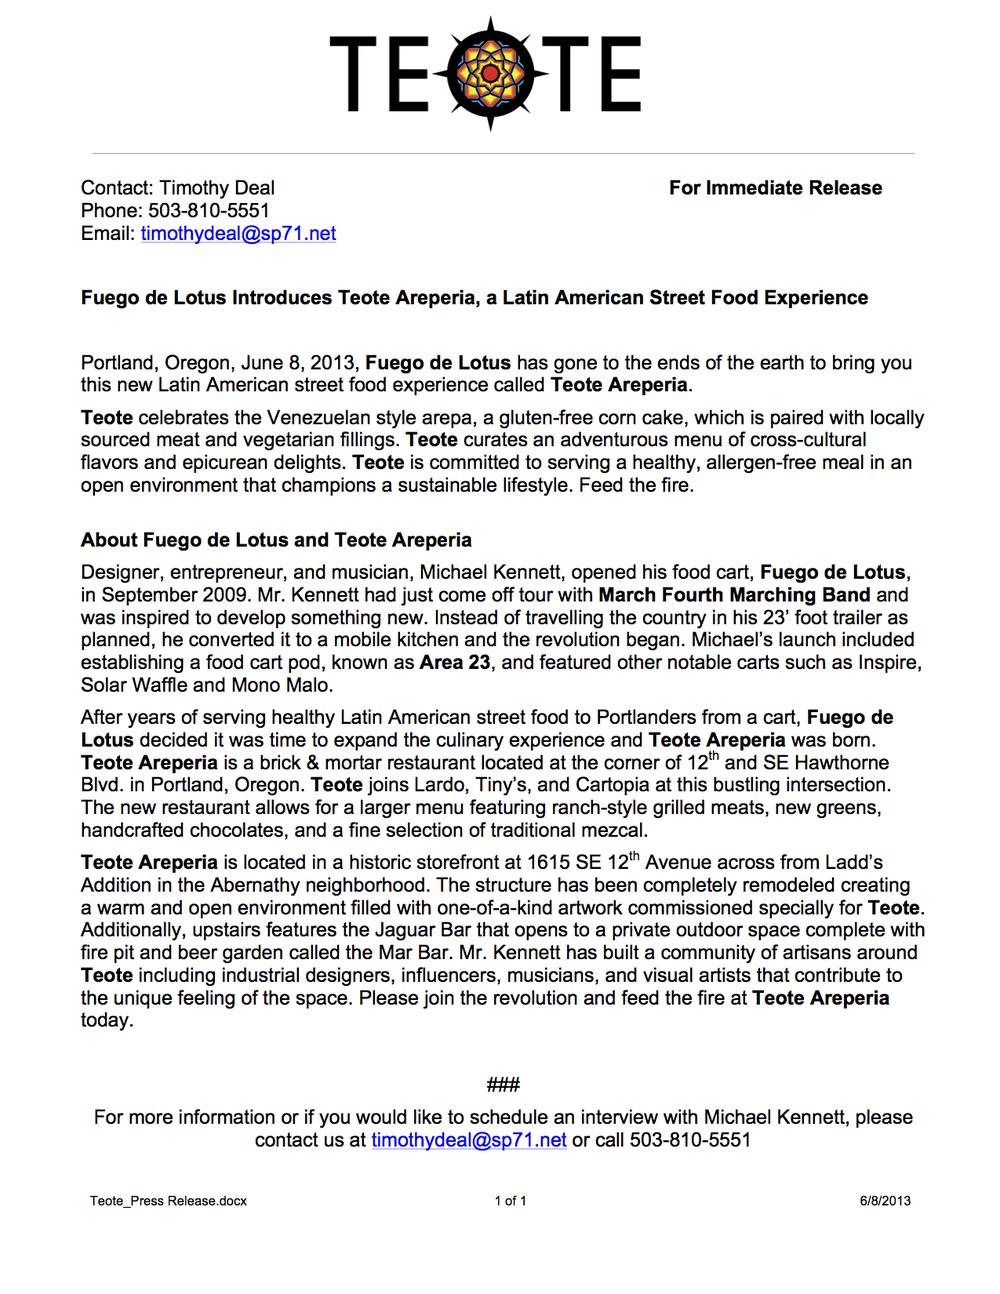 Teote_Press Release.jpg